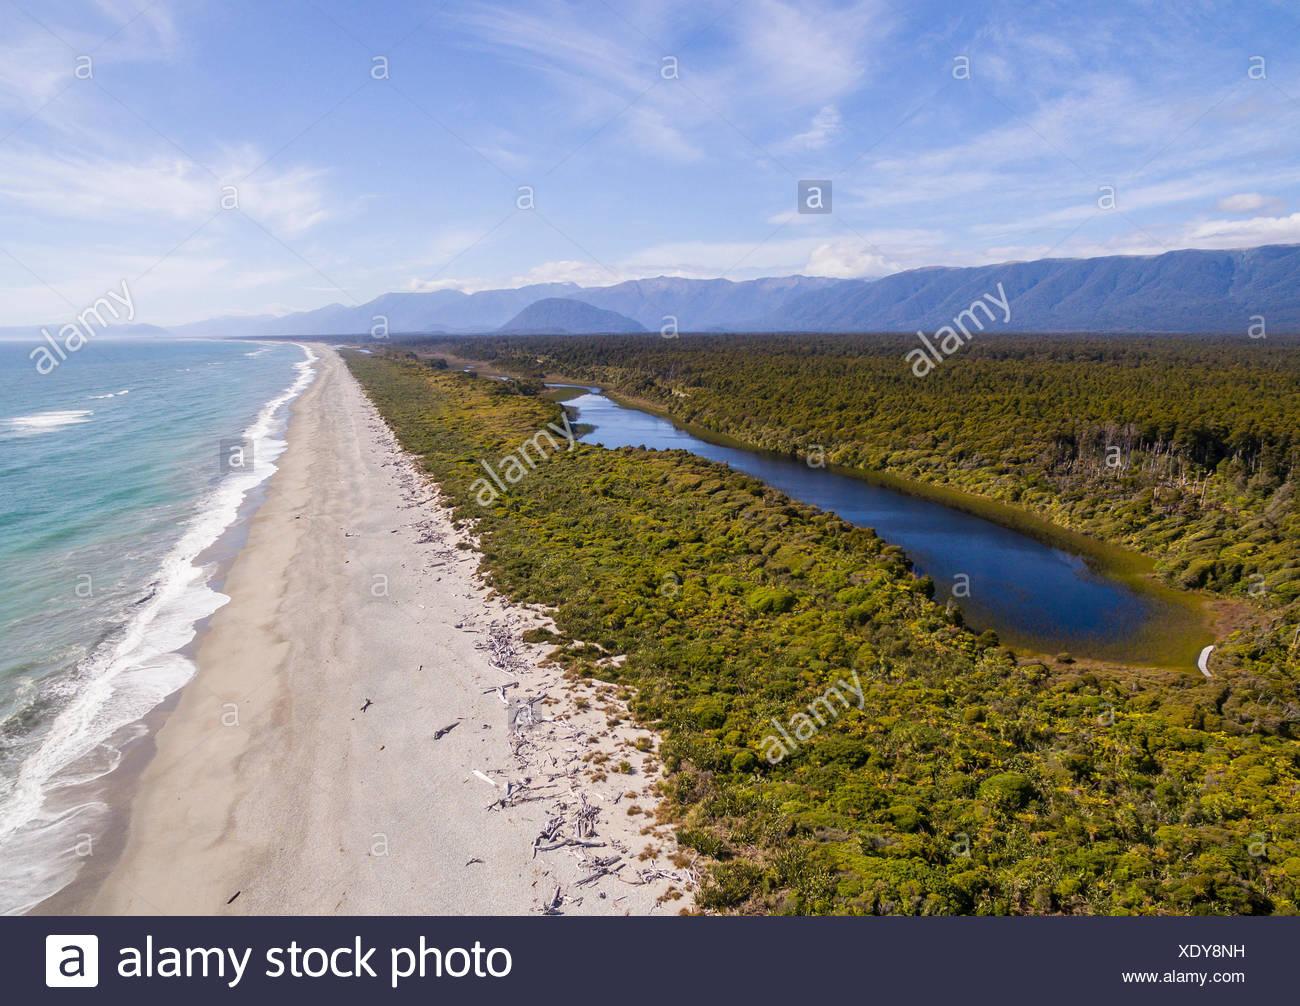 Aerial View, Strand und Küstenblick, moderate Regenwald und See, Südalpen, Ship Creek, Haast, West Coast, New Zealand Stockfoto